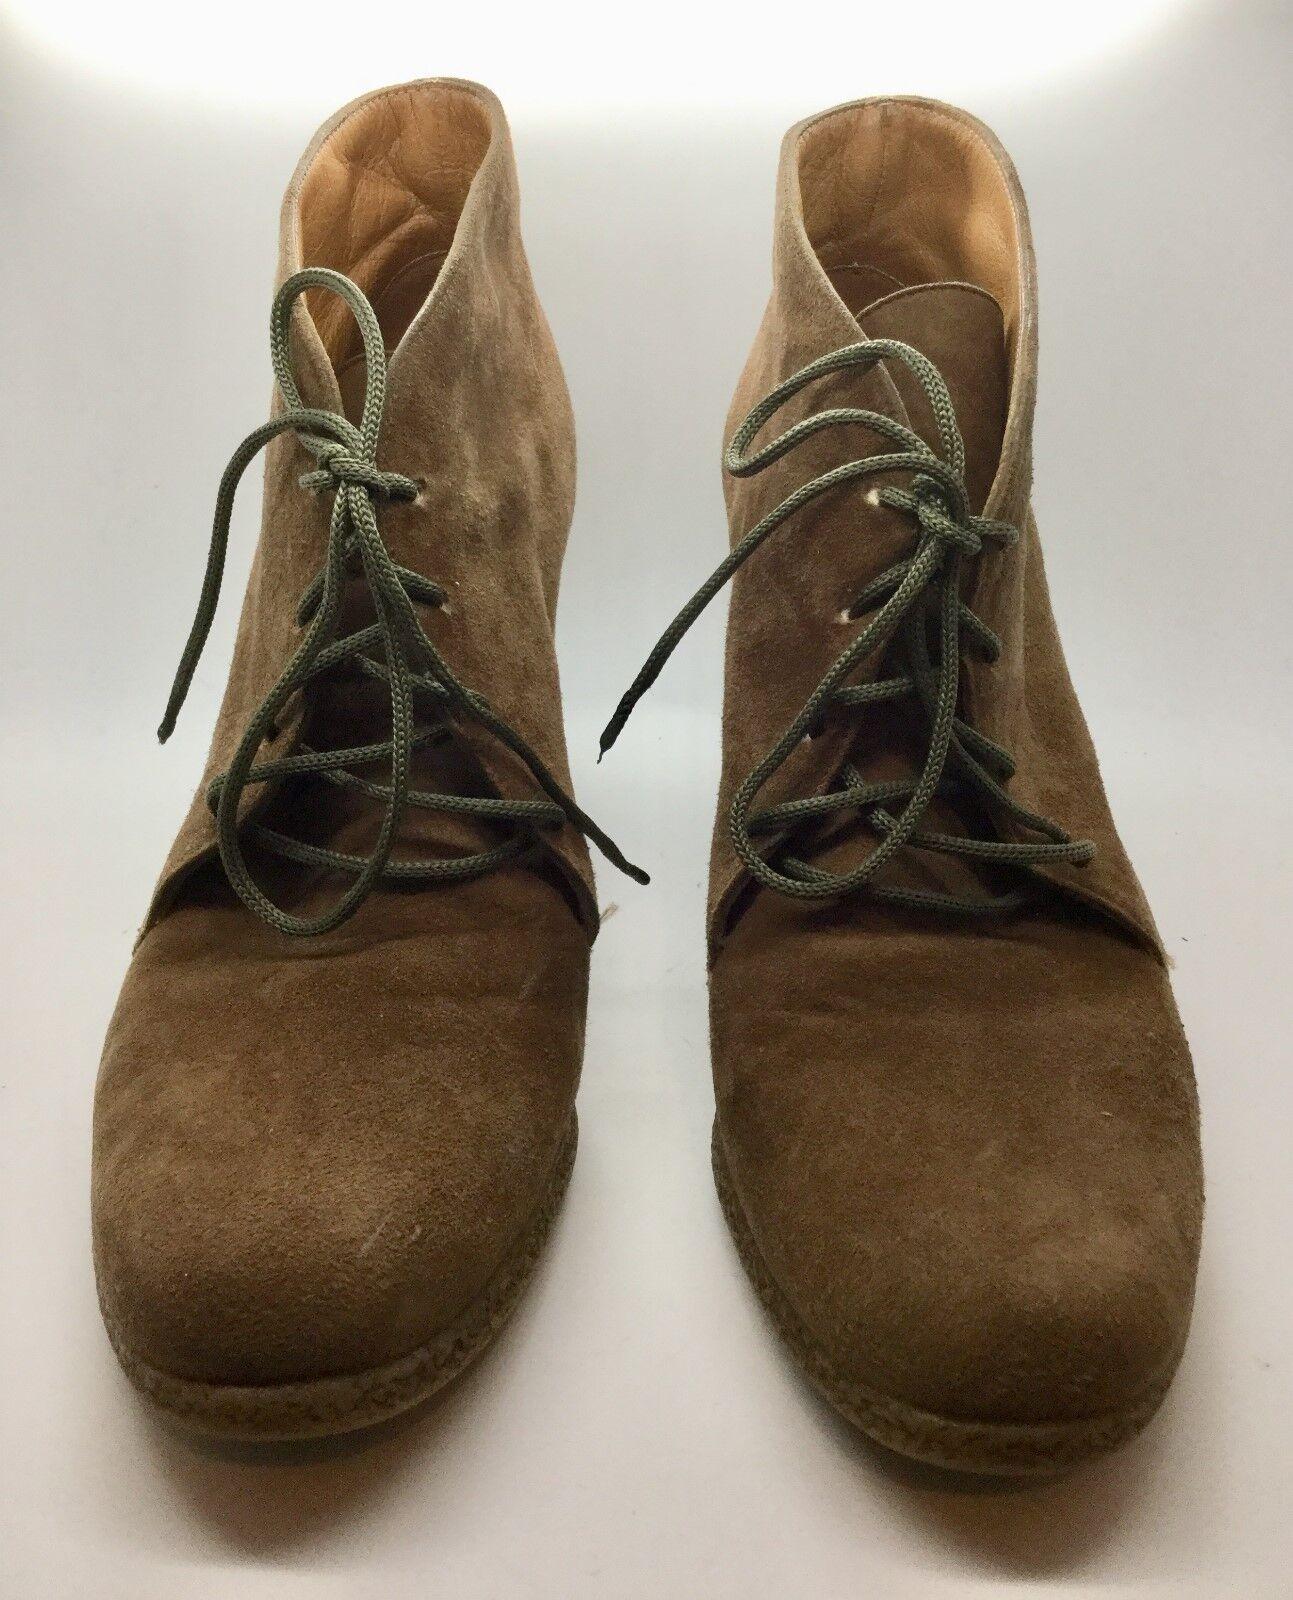 ROSSI &CARUSO Marronee Suede Leather Lace Up  Ankle avvio Dimensione 38  nuovi prodotti novità